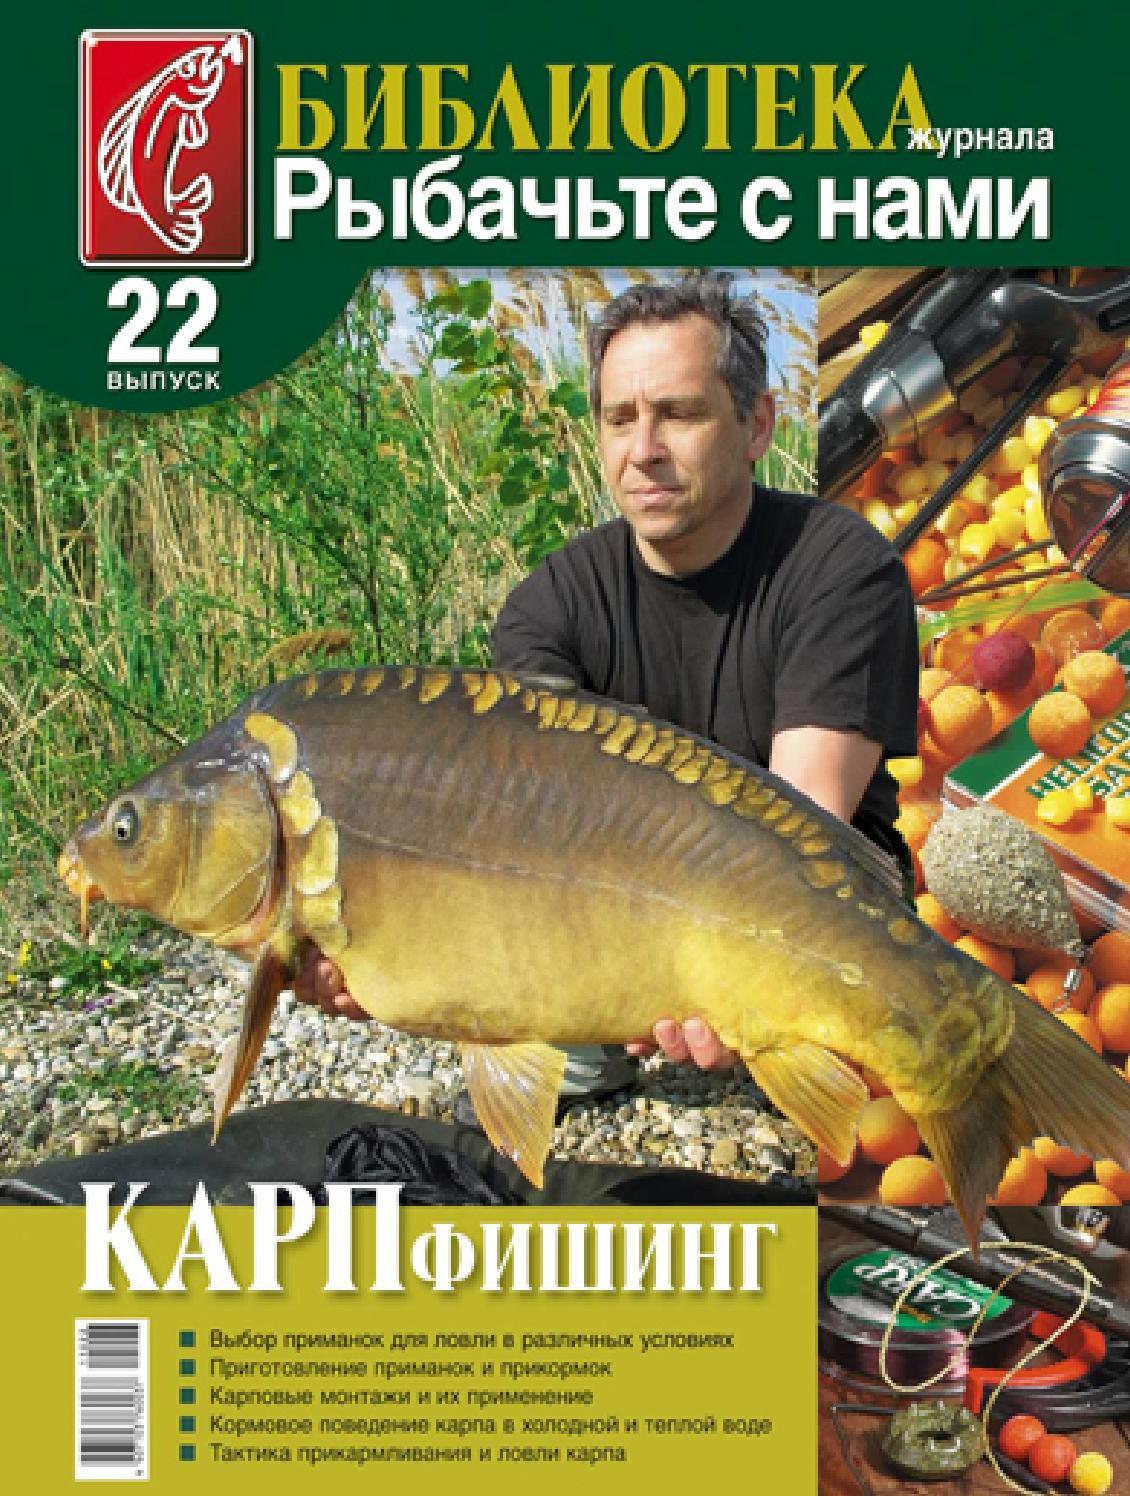 Журналы книги о рыбалке скачать